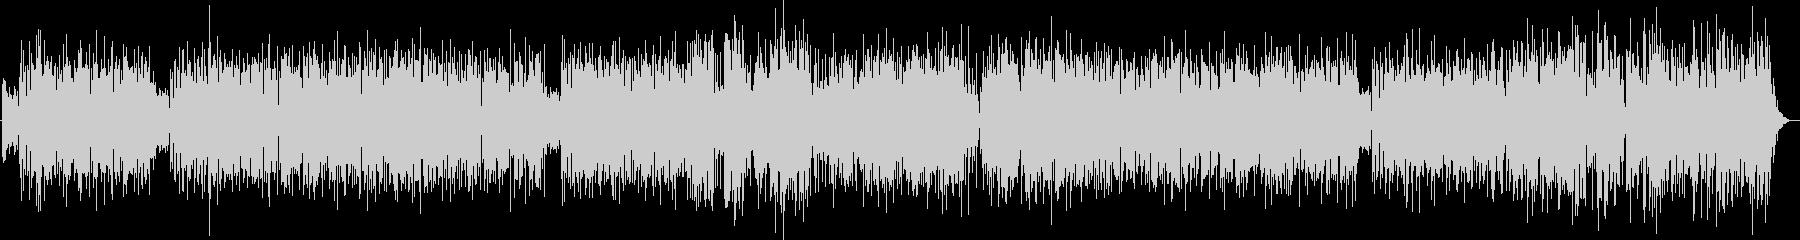 夏らしいフュージョン系ナンバーの未再生の波形